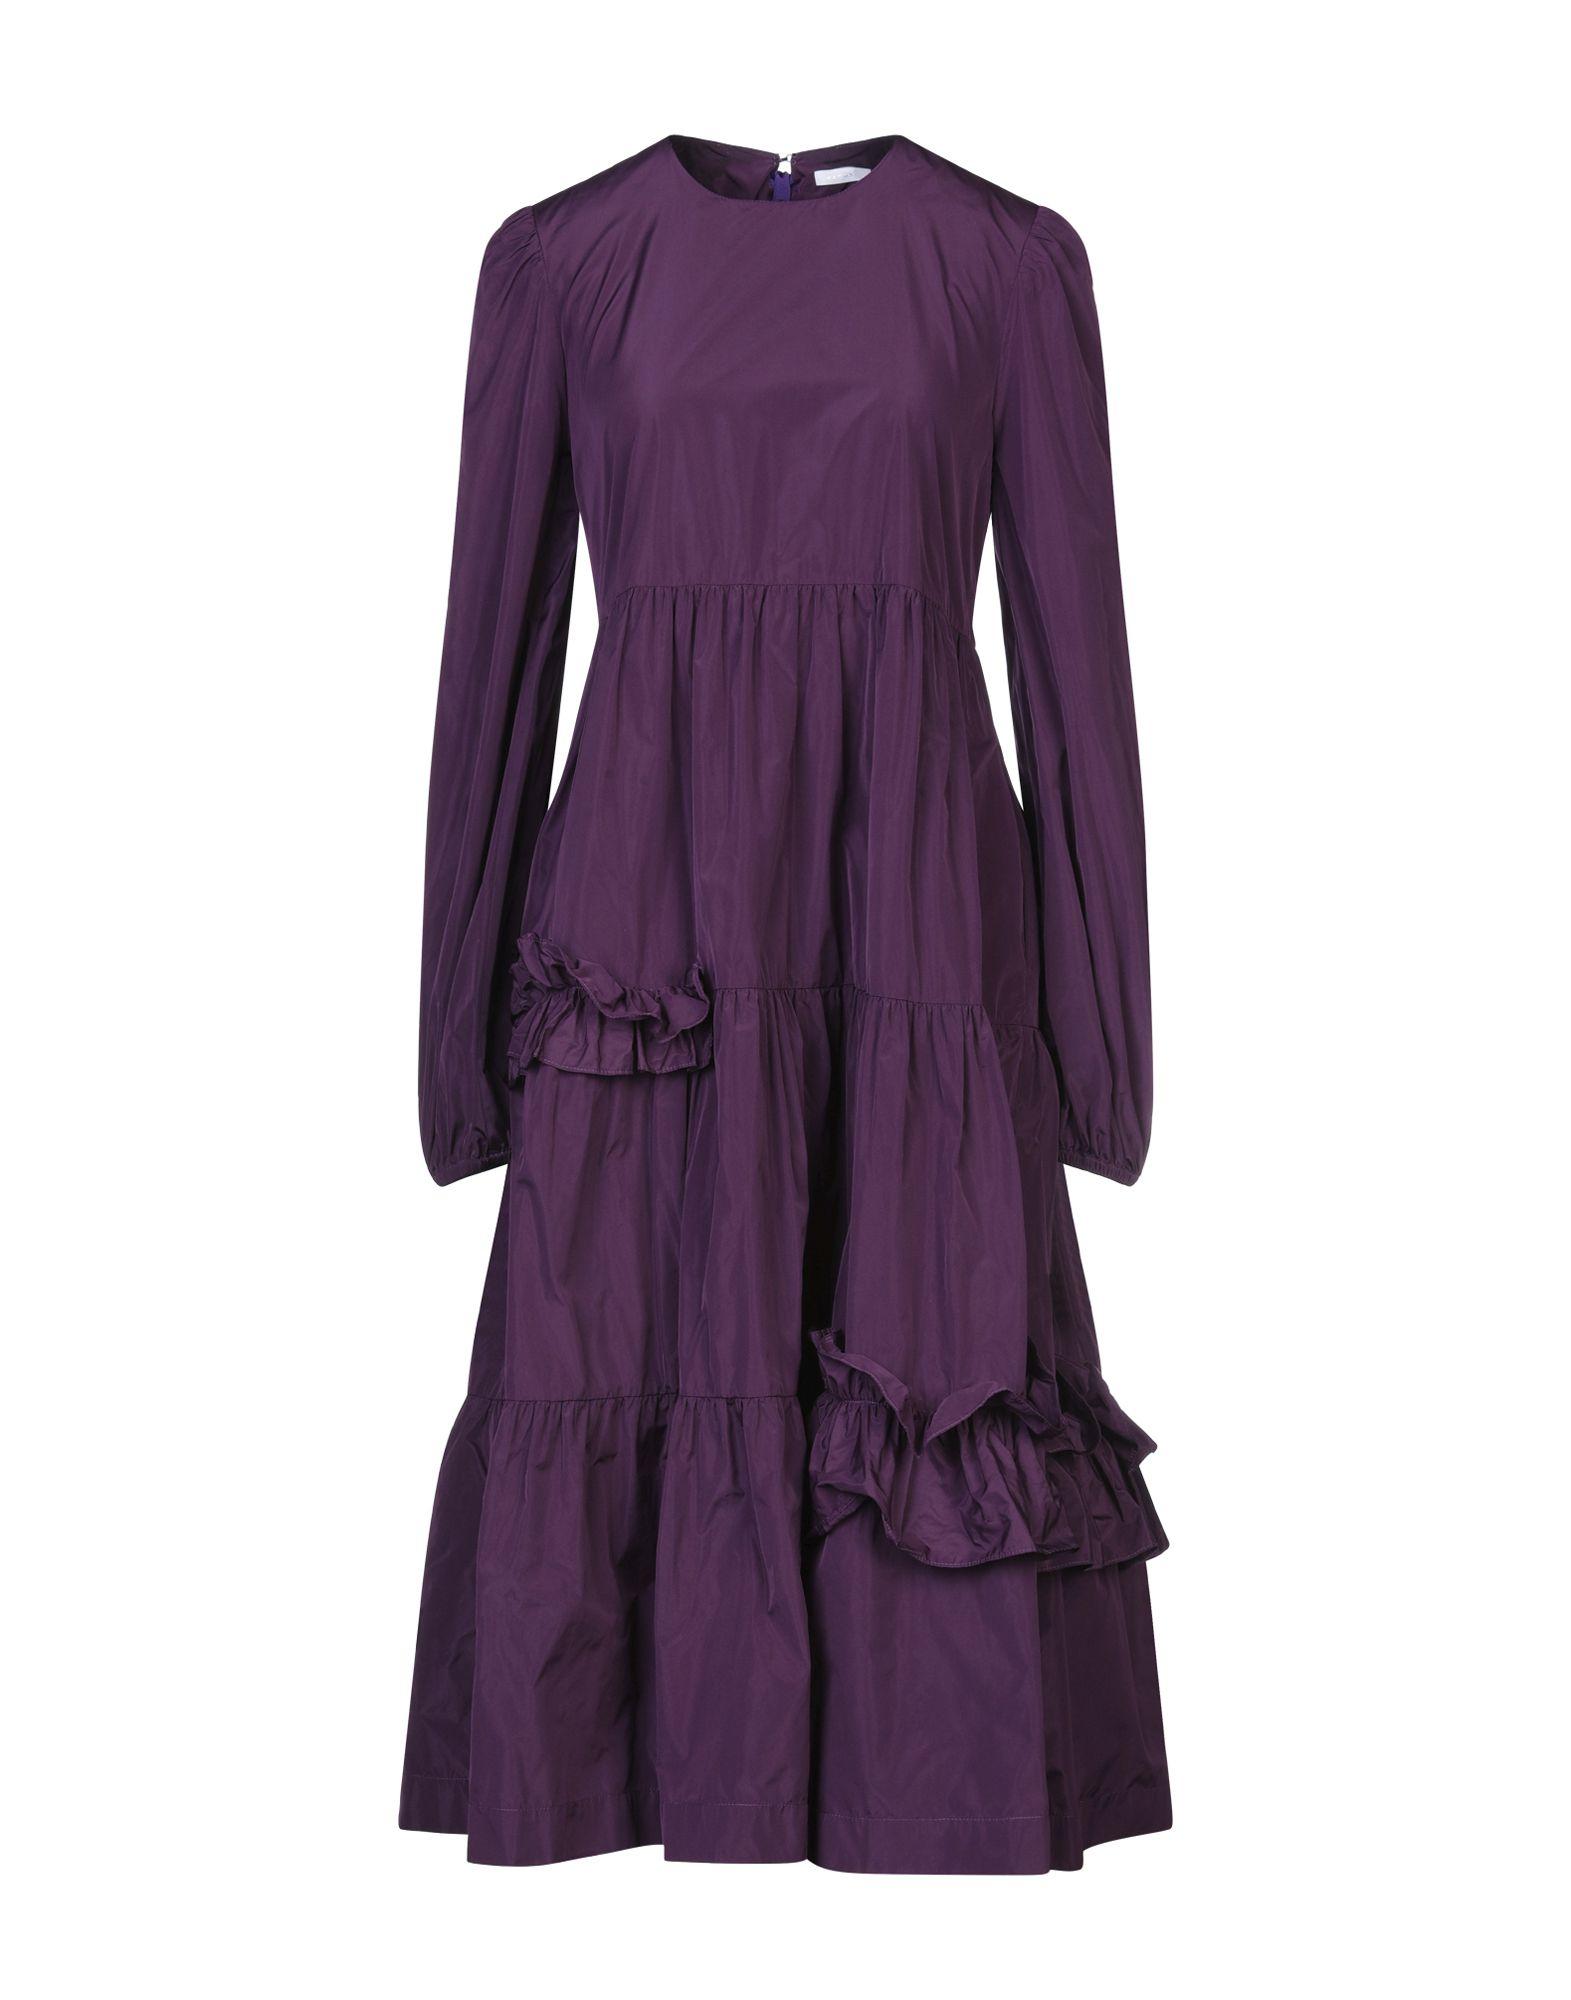 P.A.R.O.S.H. Платье длиной 3/4